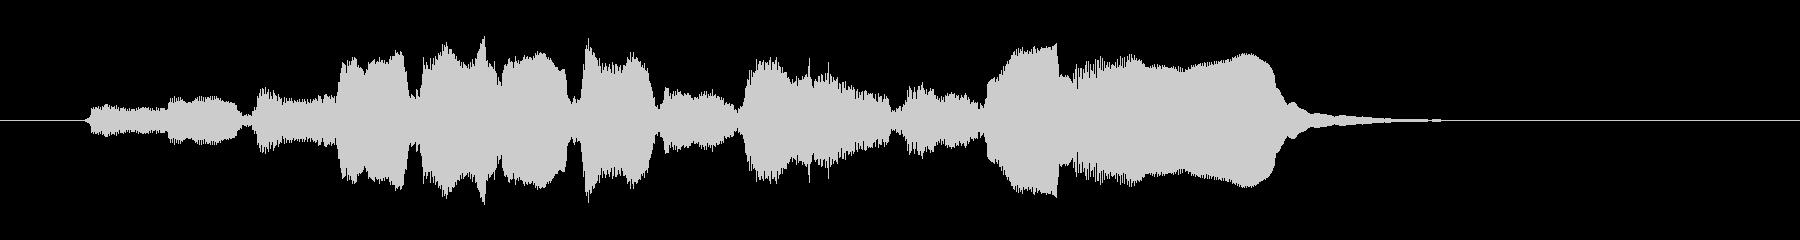 生演奏リコーダーのジングルの未再生の波形